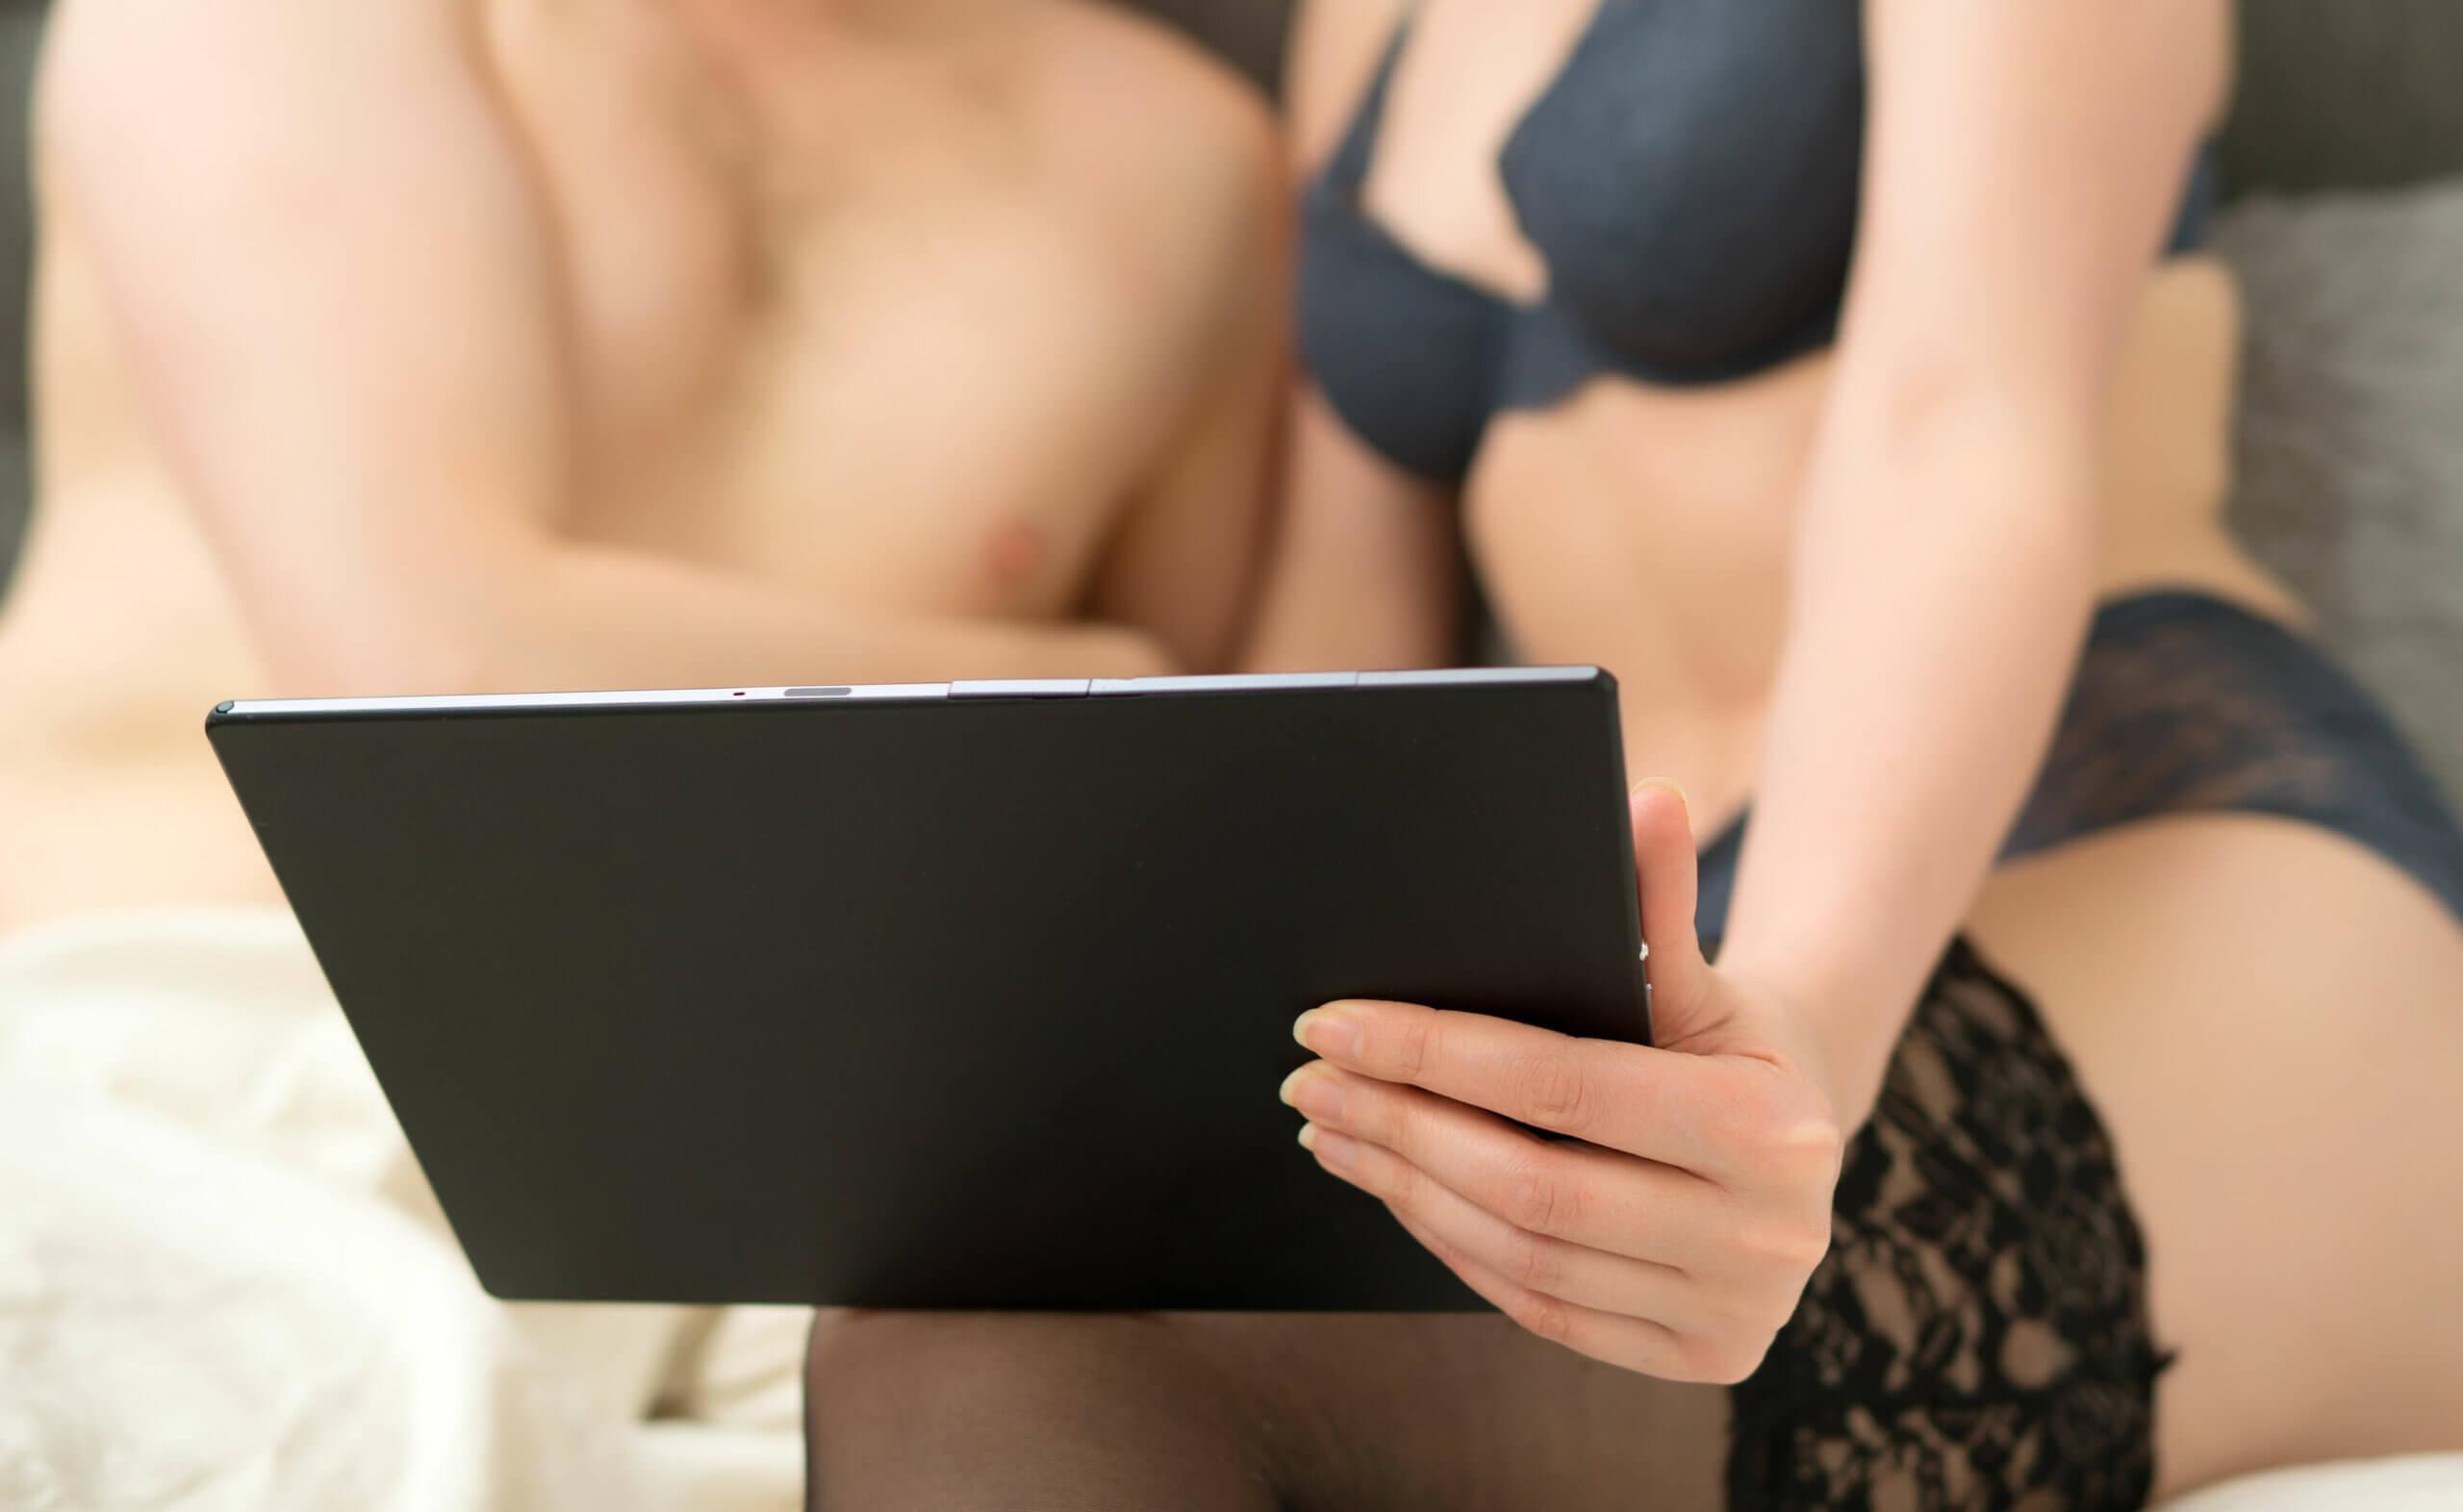 Entre los mitos de la sexualidad más importantes se encuentra la visualización de pornografía por parte de las mujeres.